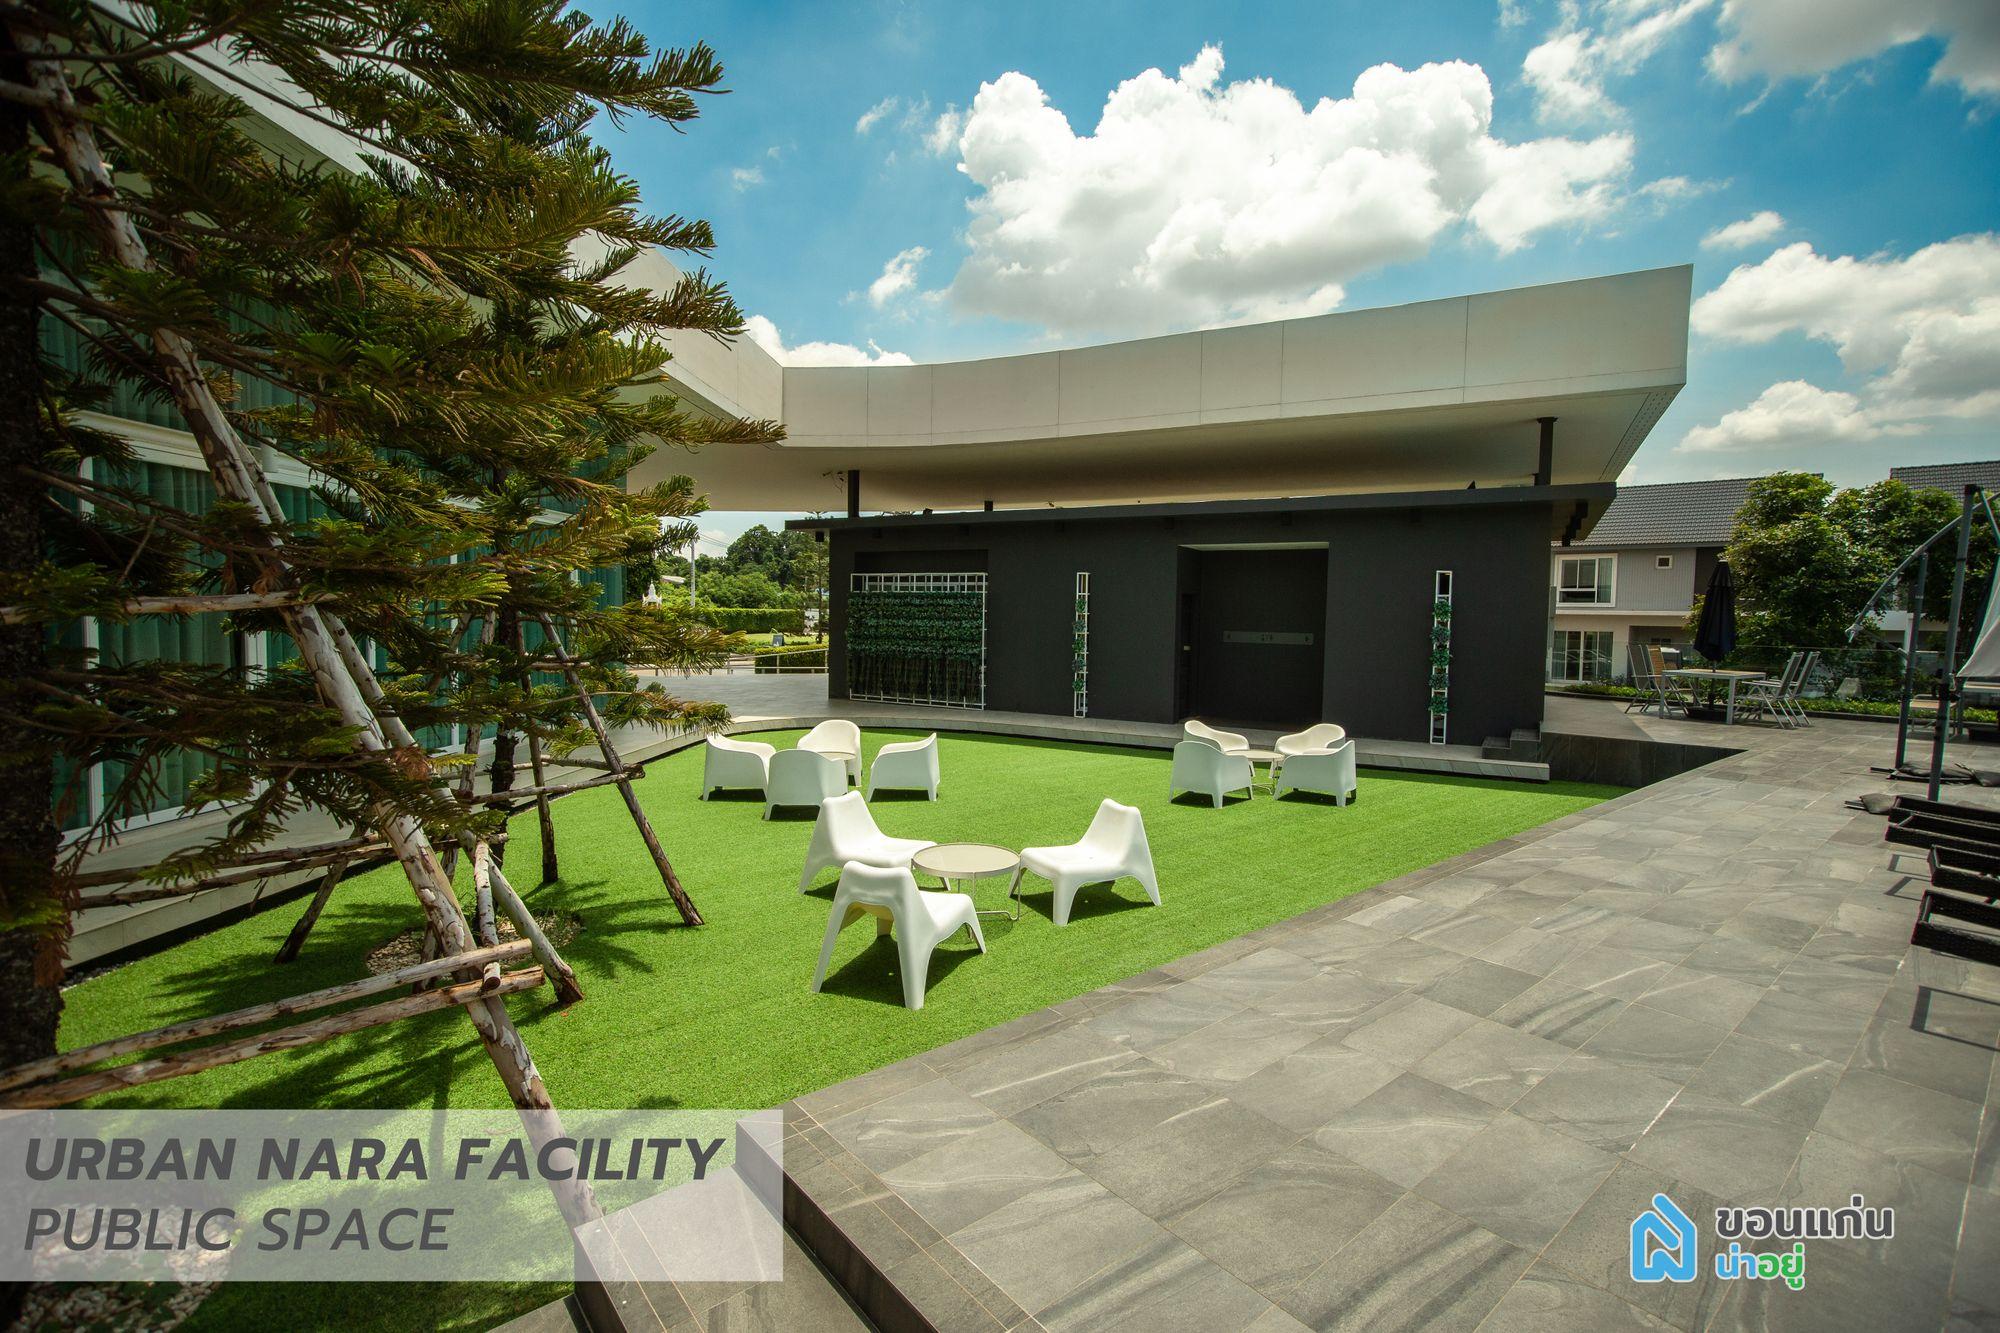 บ้านแฝด บ้านเดี่ยว โครงการบ้าน โครงการจัดสรร เออเบินนารา สนามบิน มะลิวัล์ ขอนแก่น